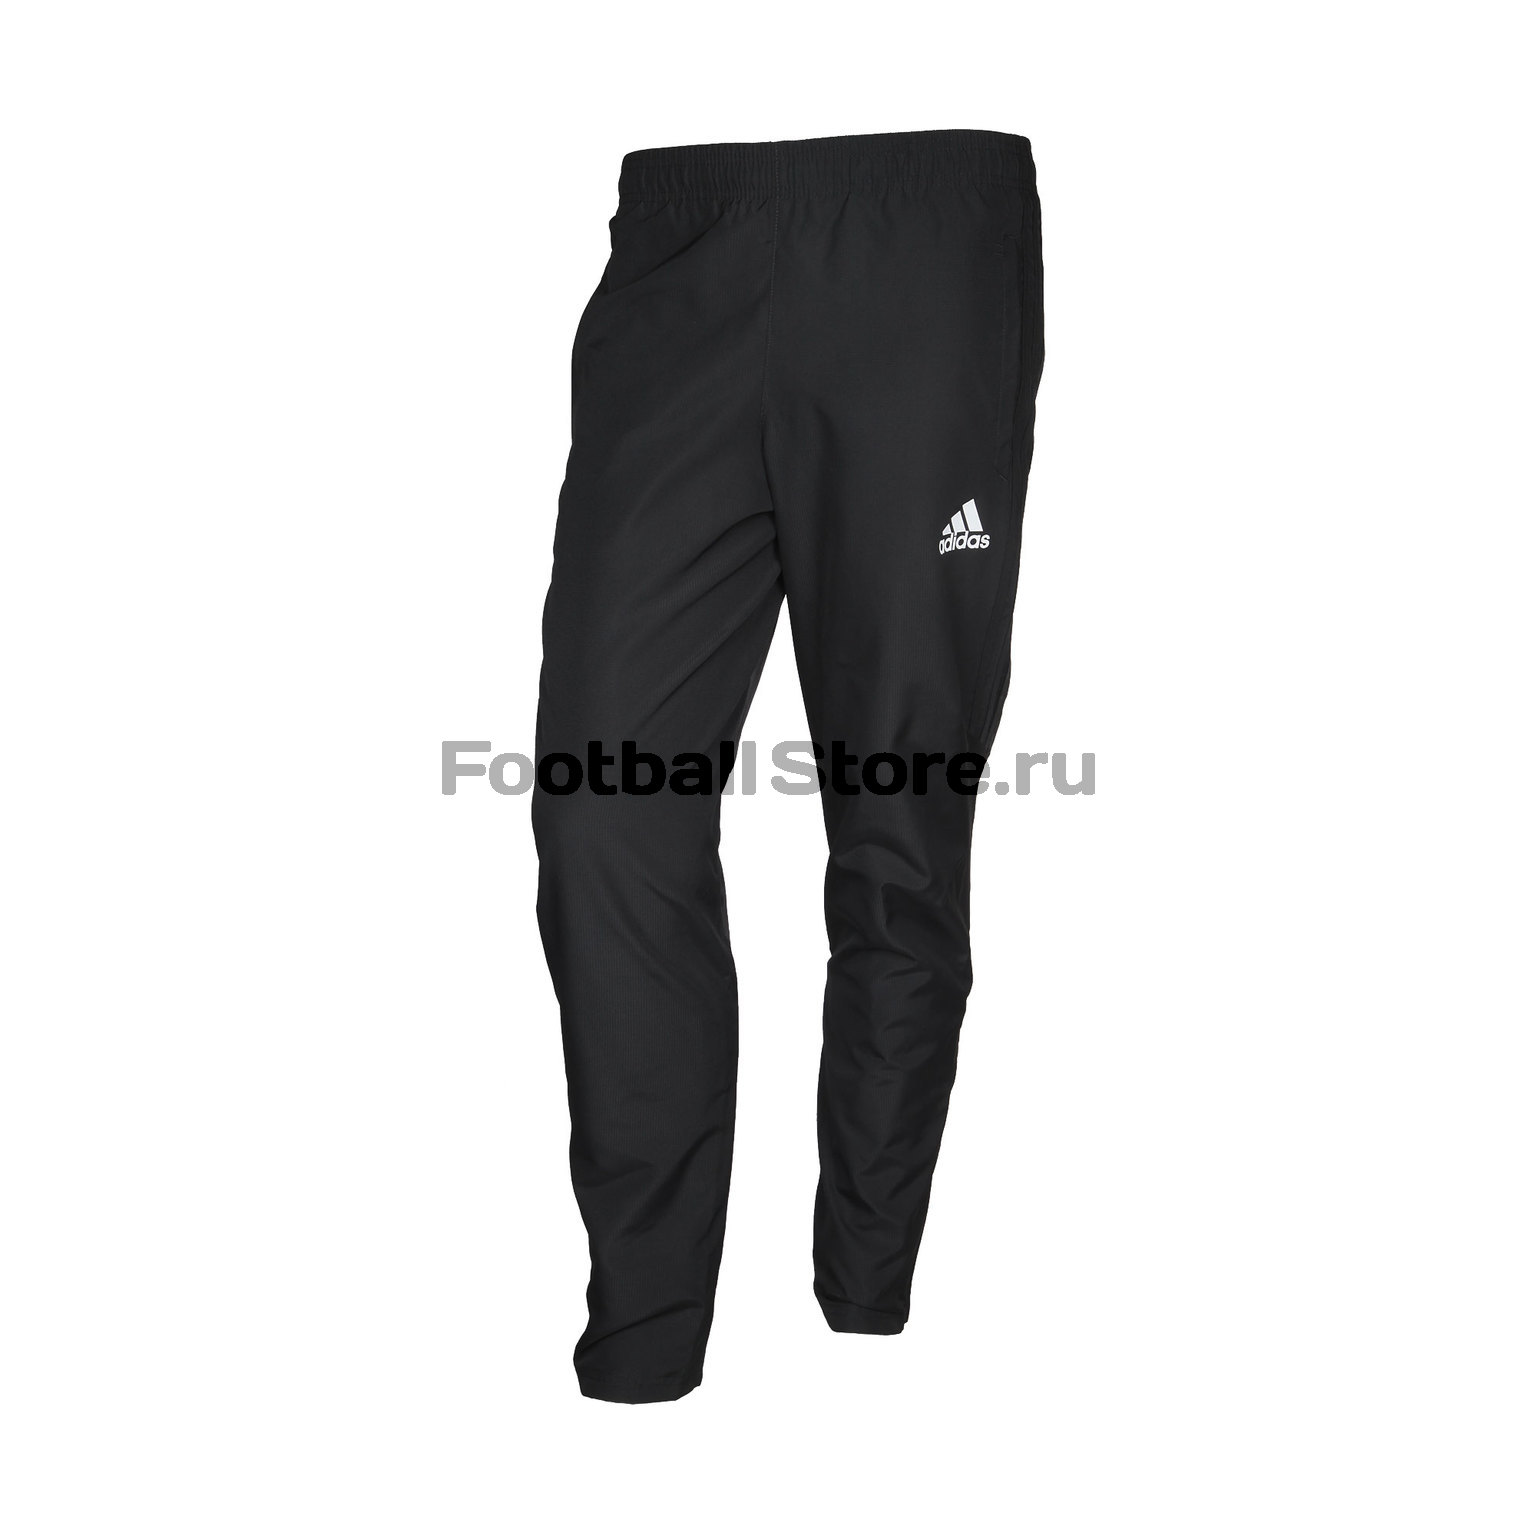 Брюки тренировочные Adidas Tiro17 Wov Pnt AY2861 брюки adidas брюки тренировочные adidas tiro17 rn pnt ay2896